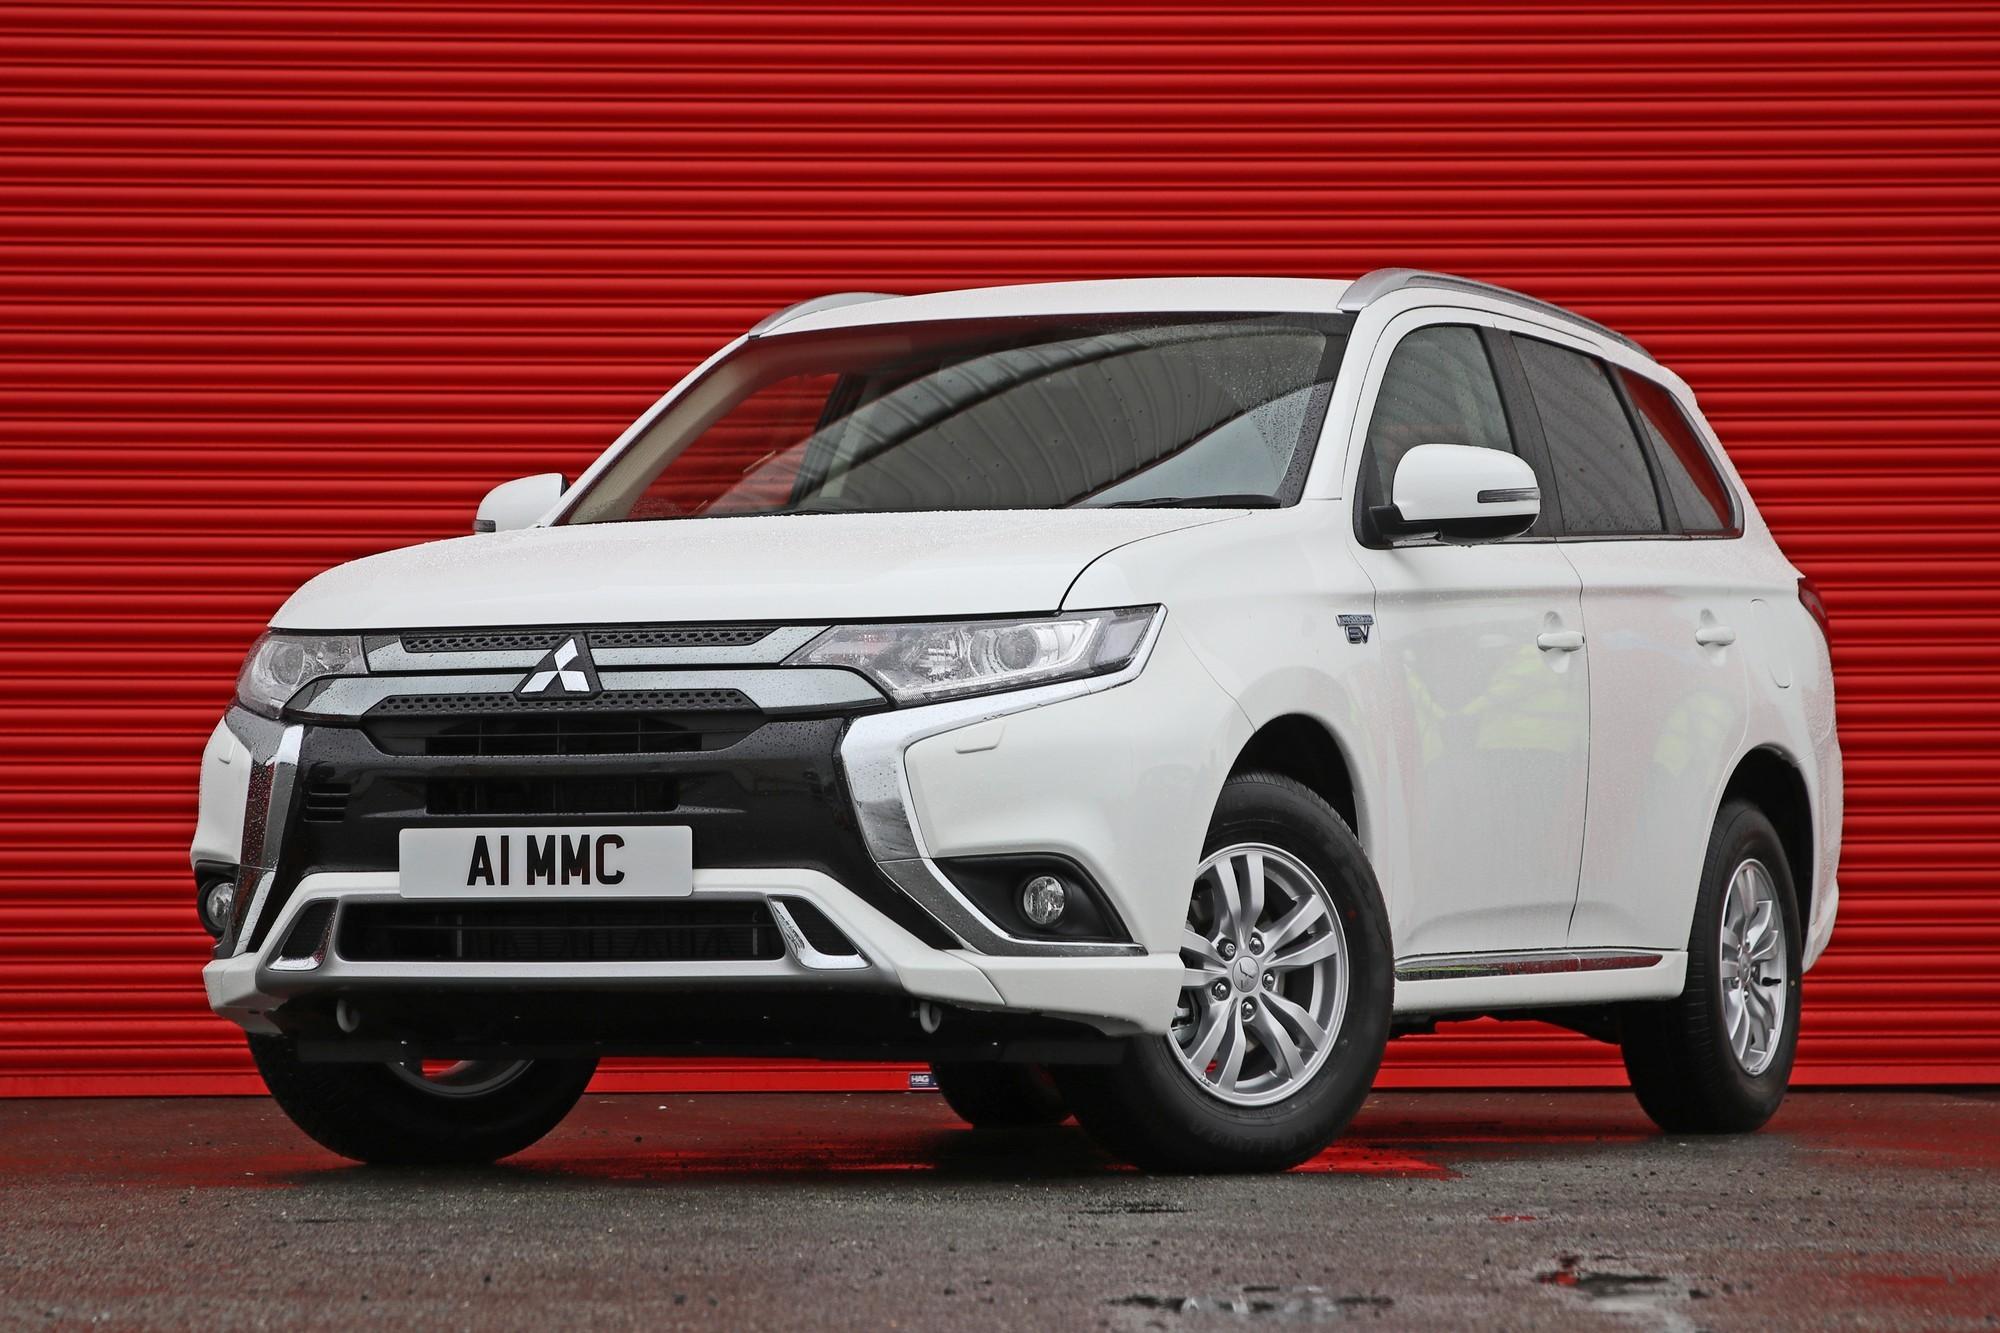 Европа не отпускает: Mitsubishi может наладить выпуск своих новинок во Франции